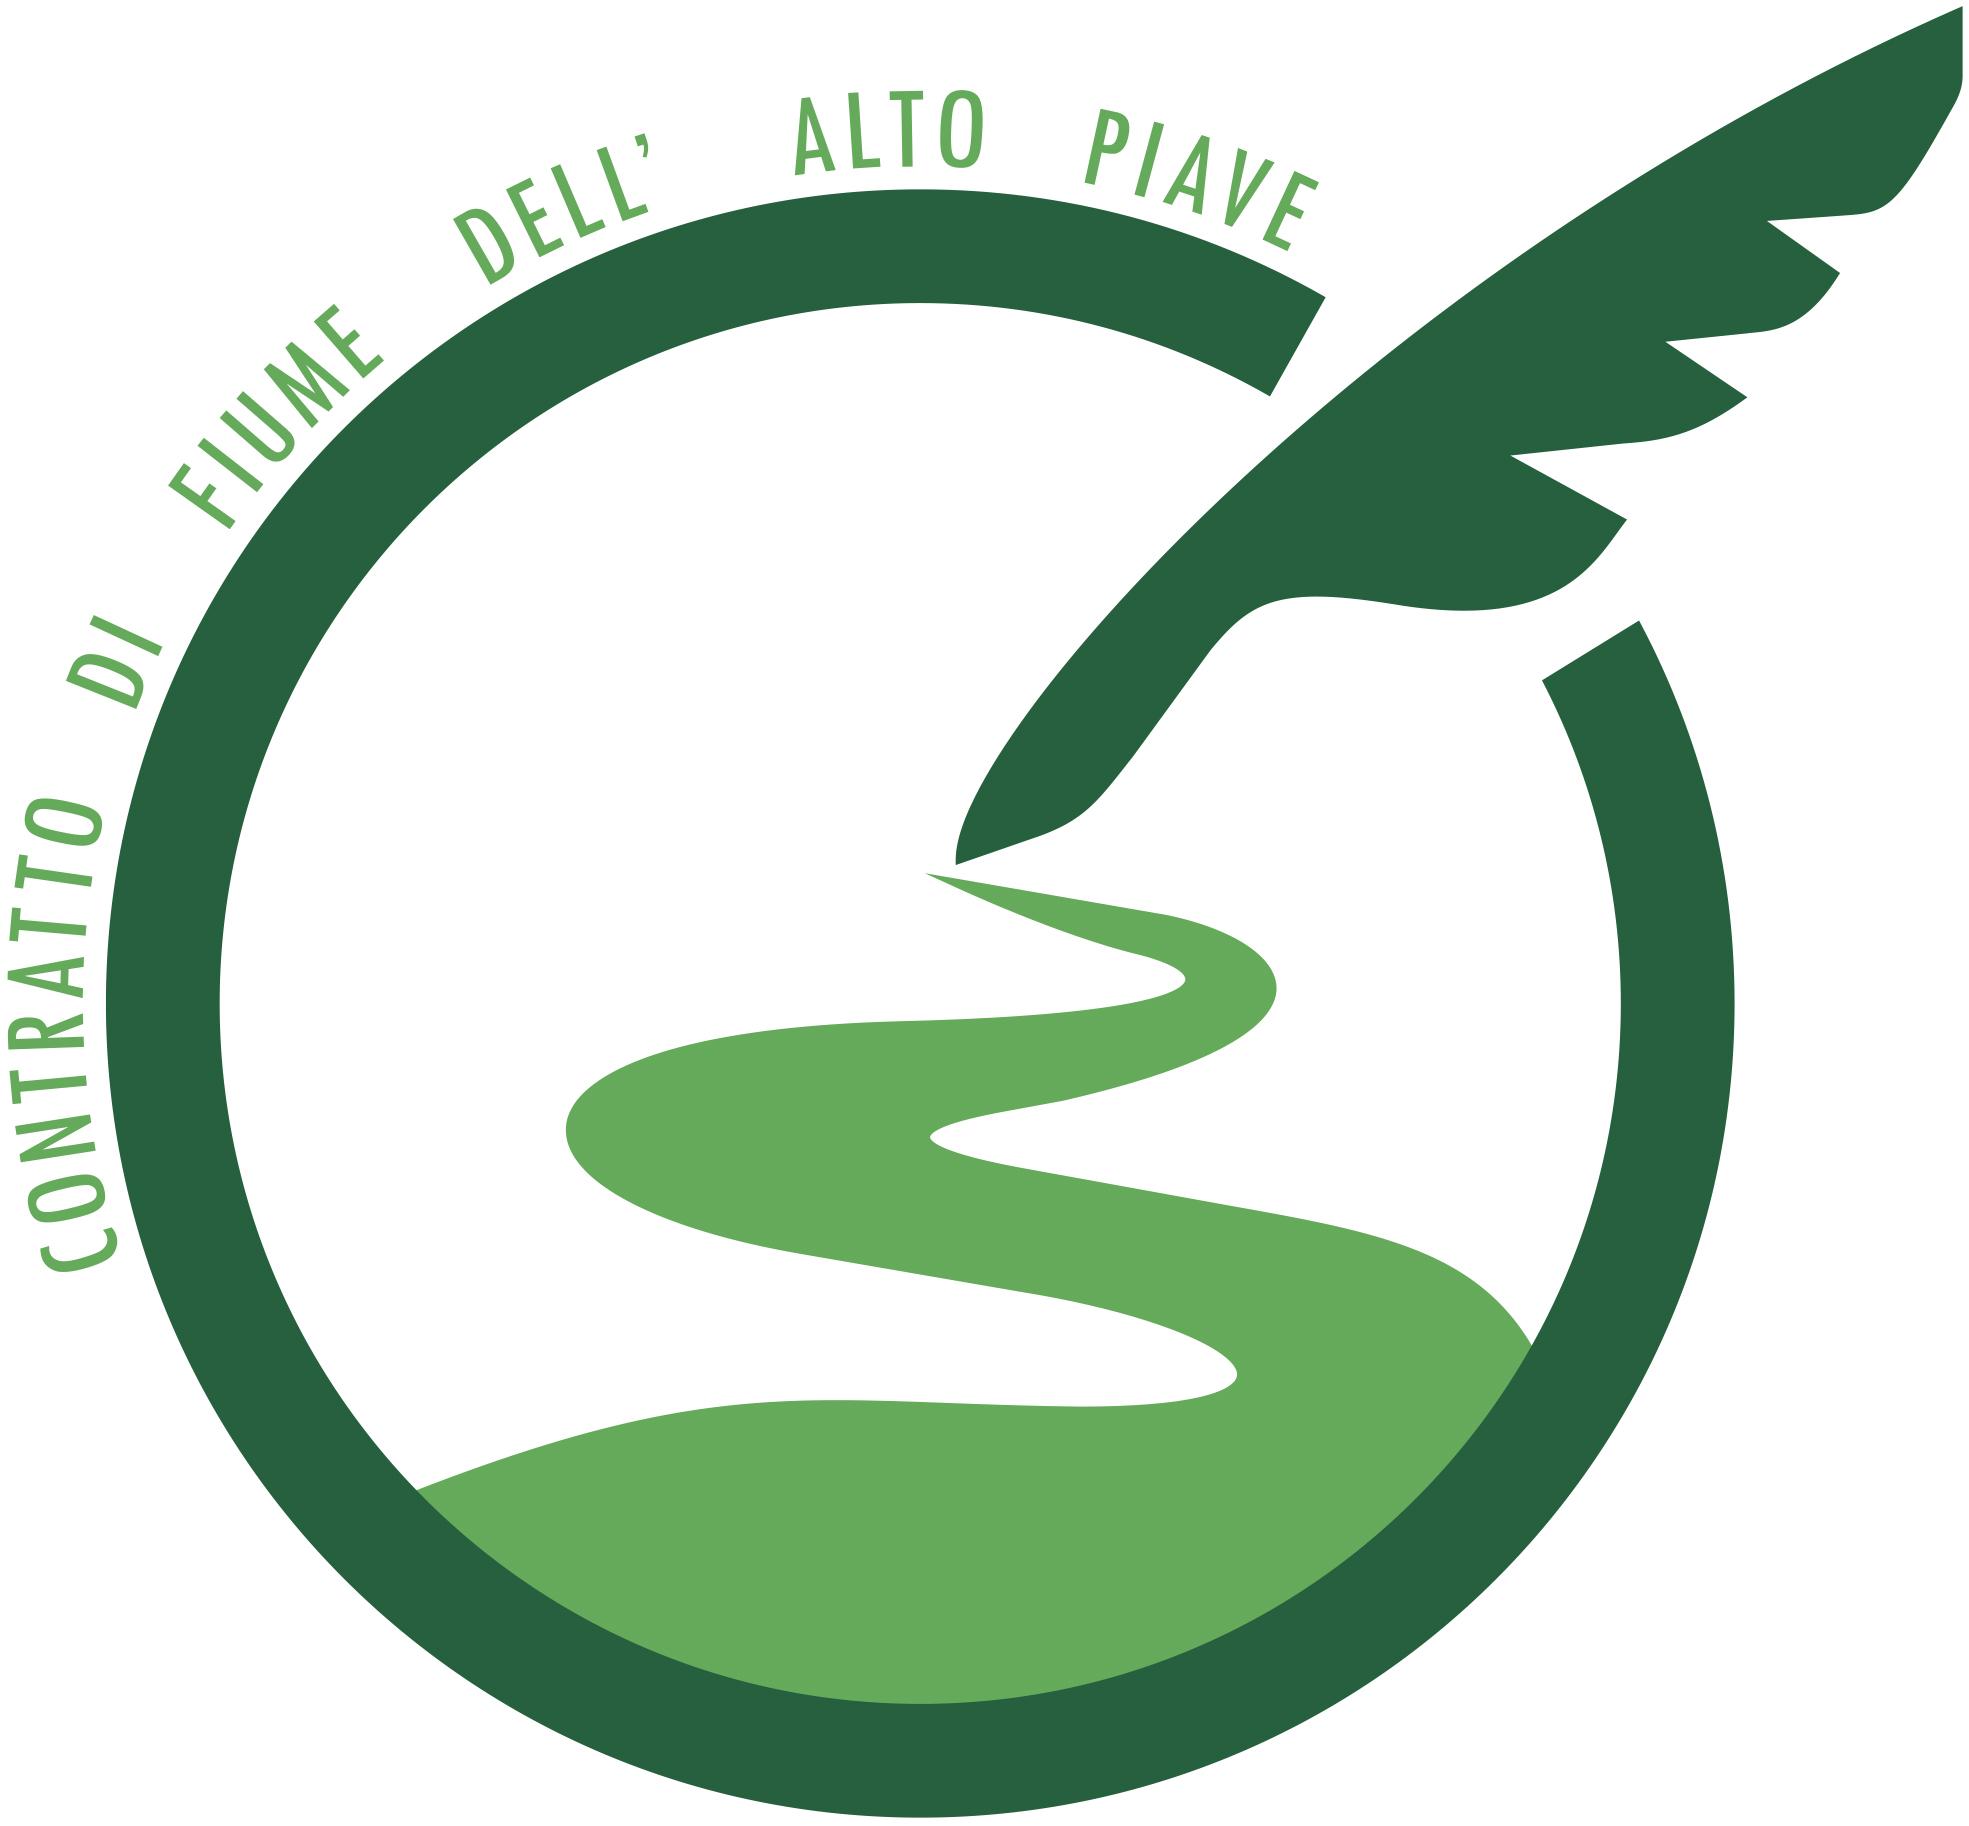 Logo-alto-Piave